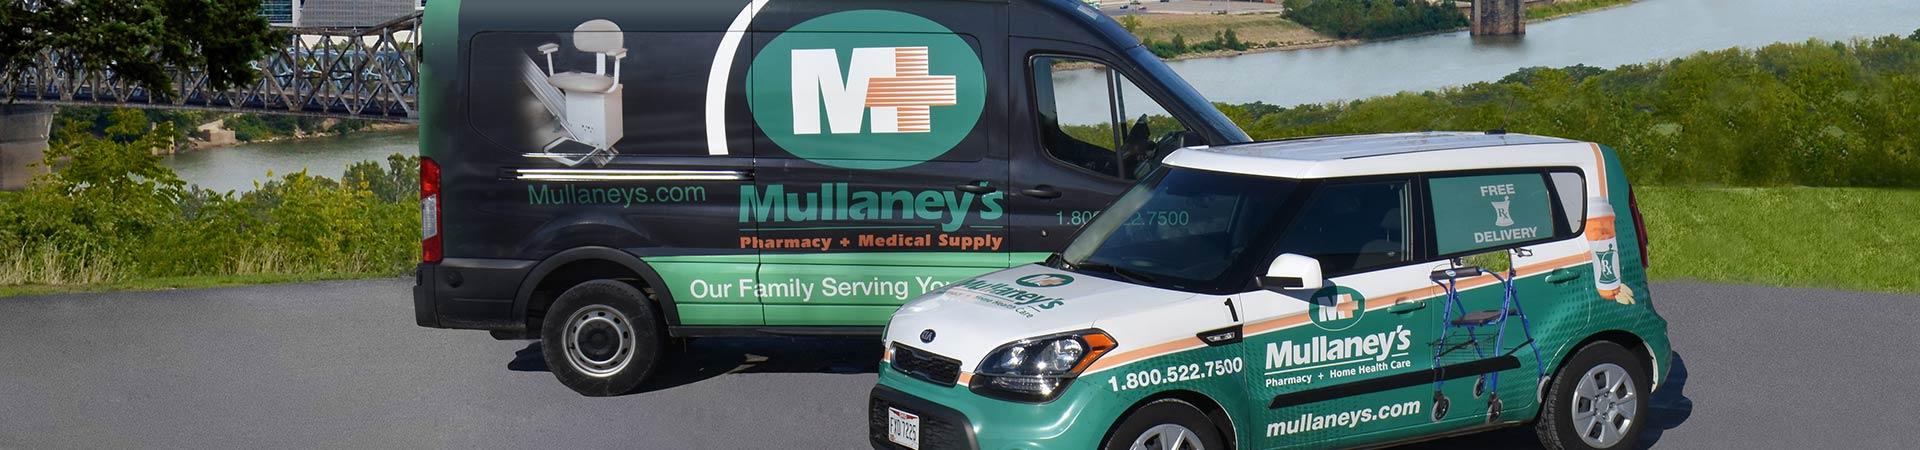 Prescription Delivery Cincinnati